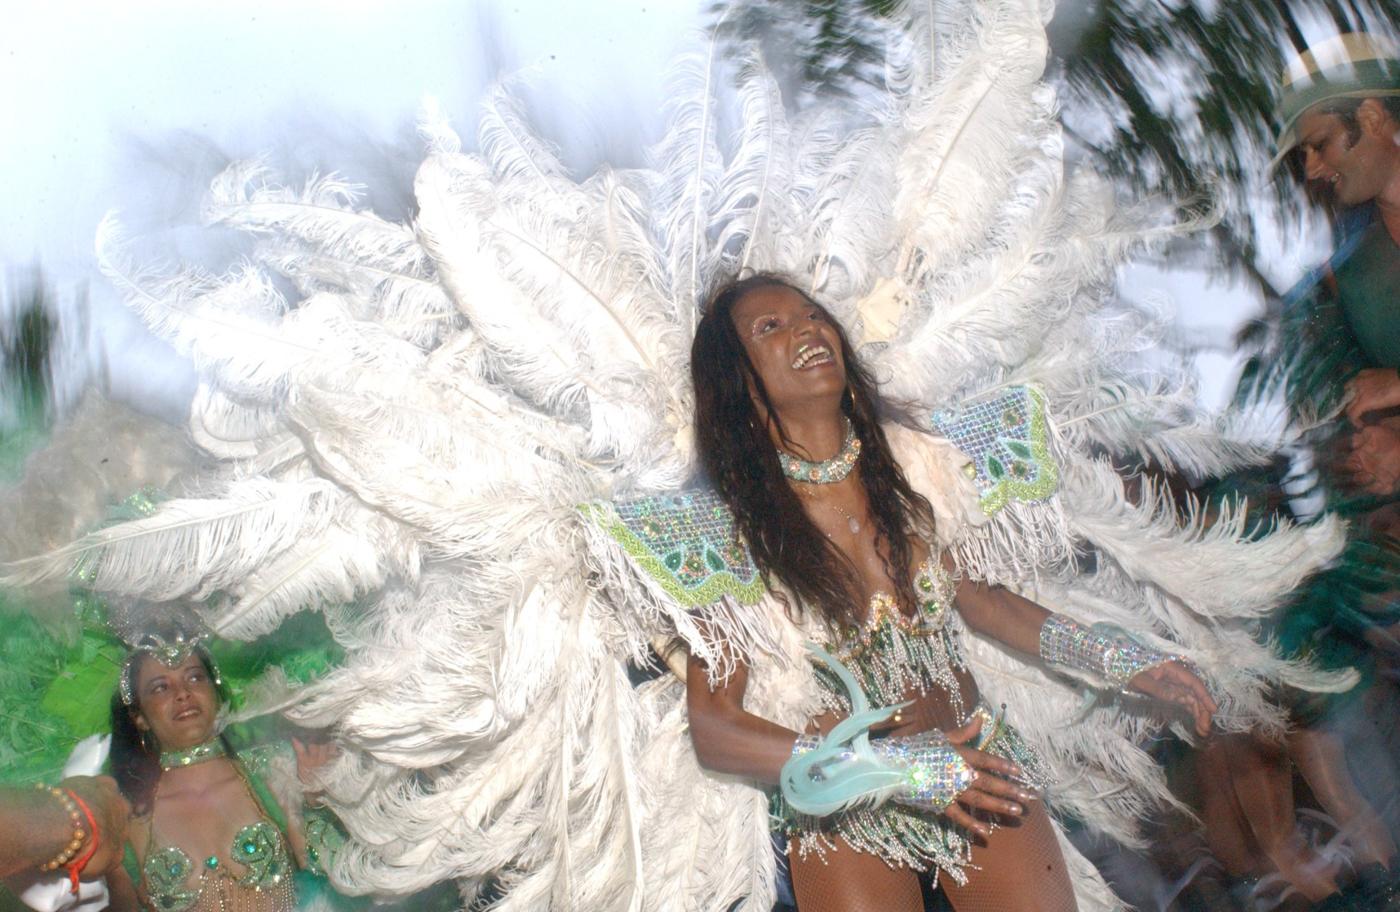 bra22-carnival-pay-bernadettelou